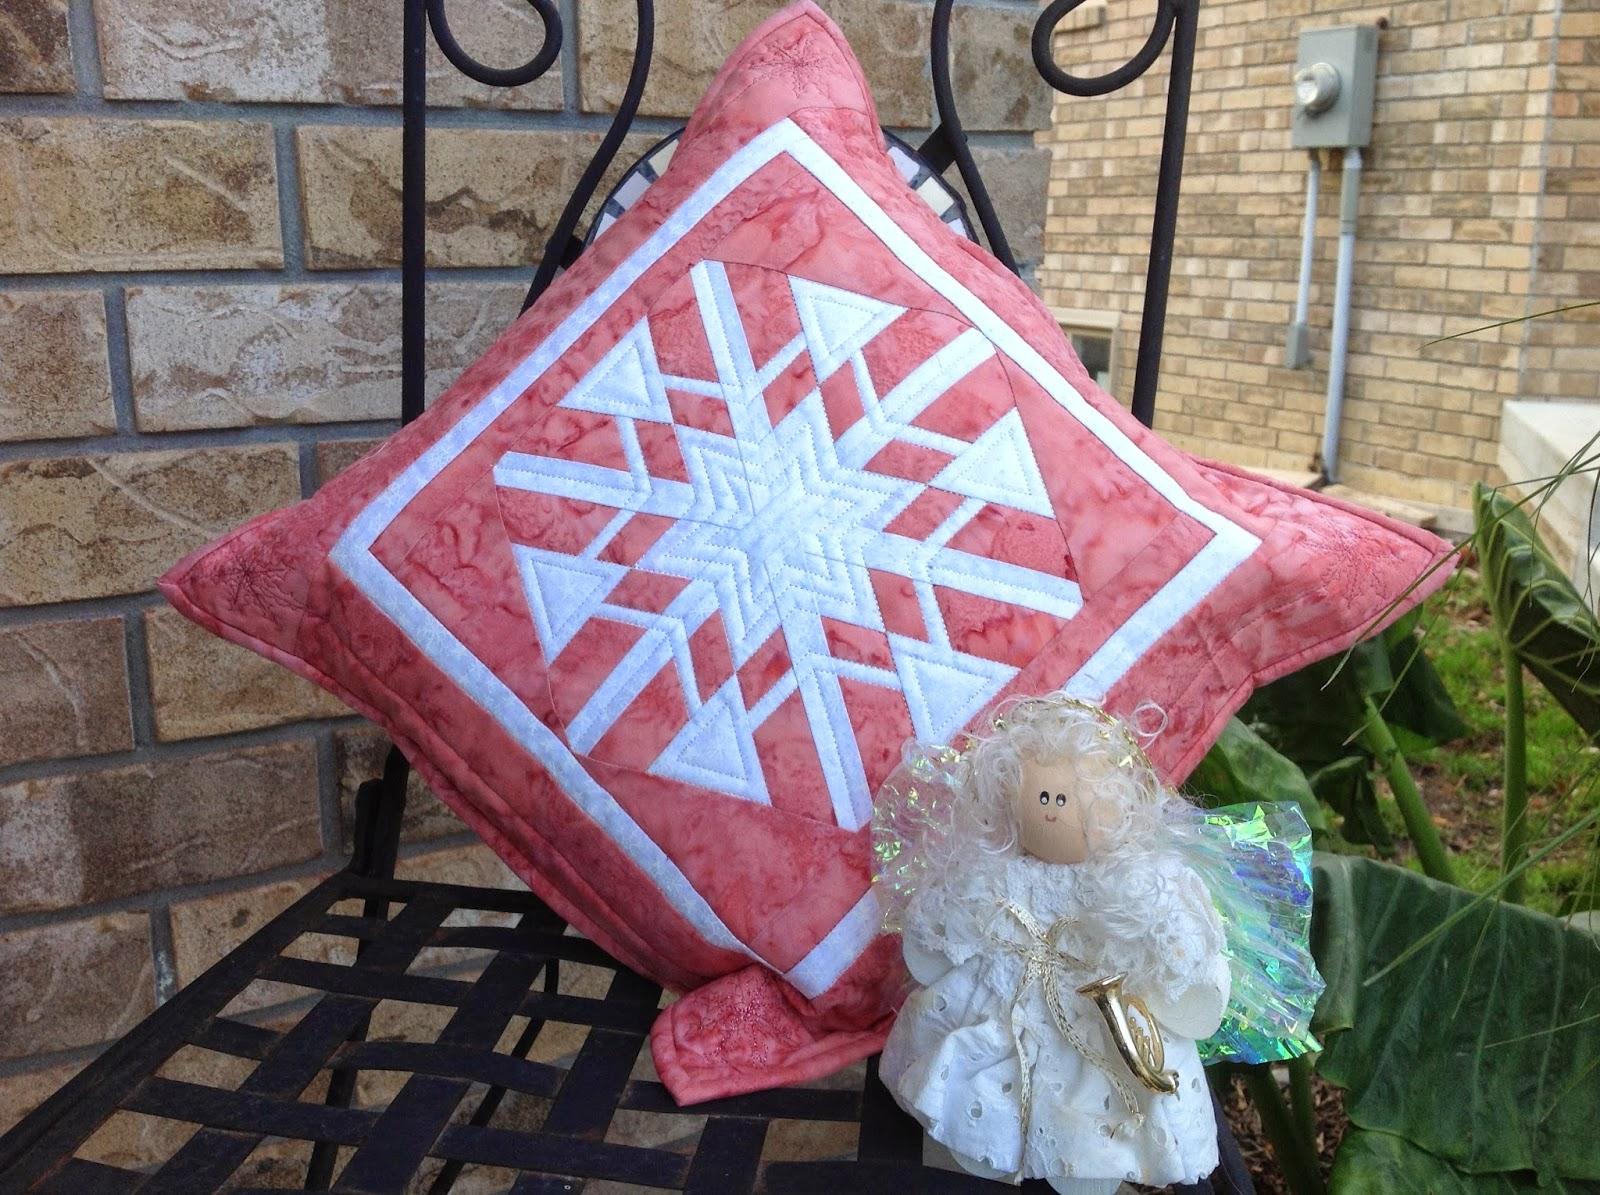 http://musingsofamenopausalmelon.blogspot.com/2014/11/snowflake-project.html